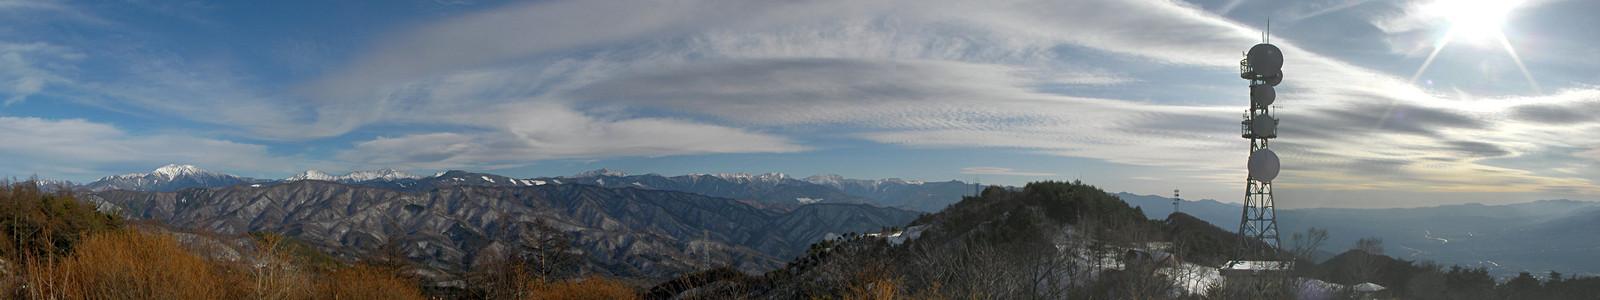 2014年1月3日14時、中川村陣馬形山からの南アルプス